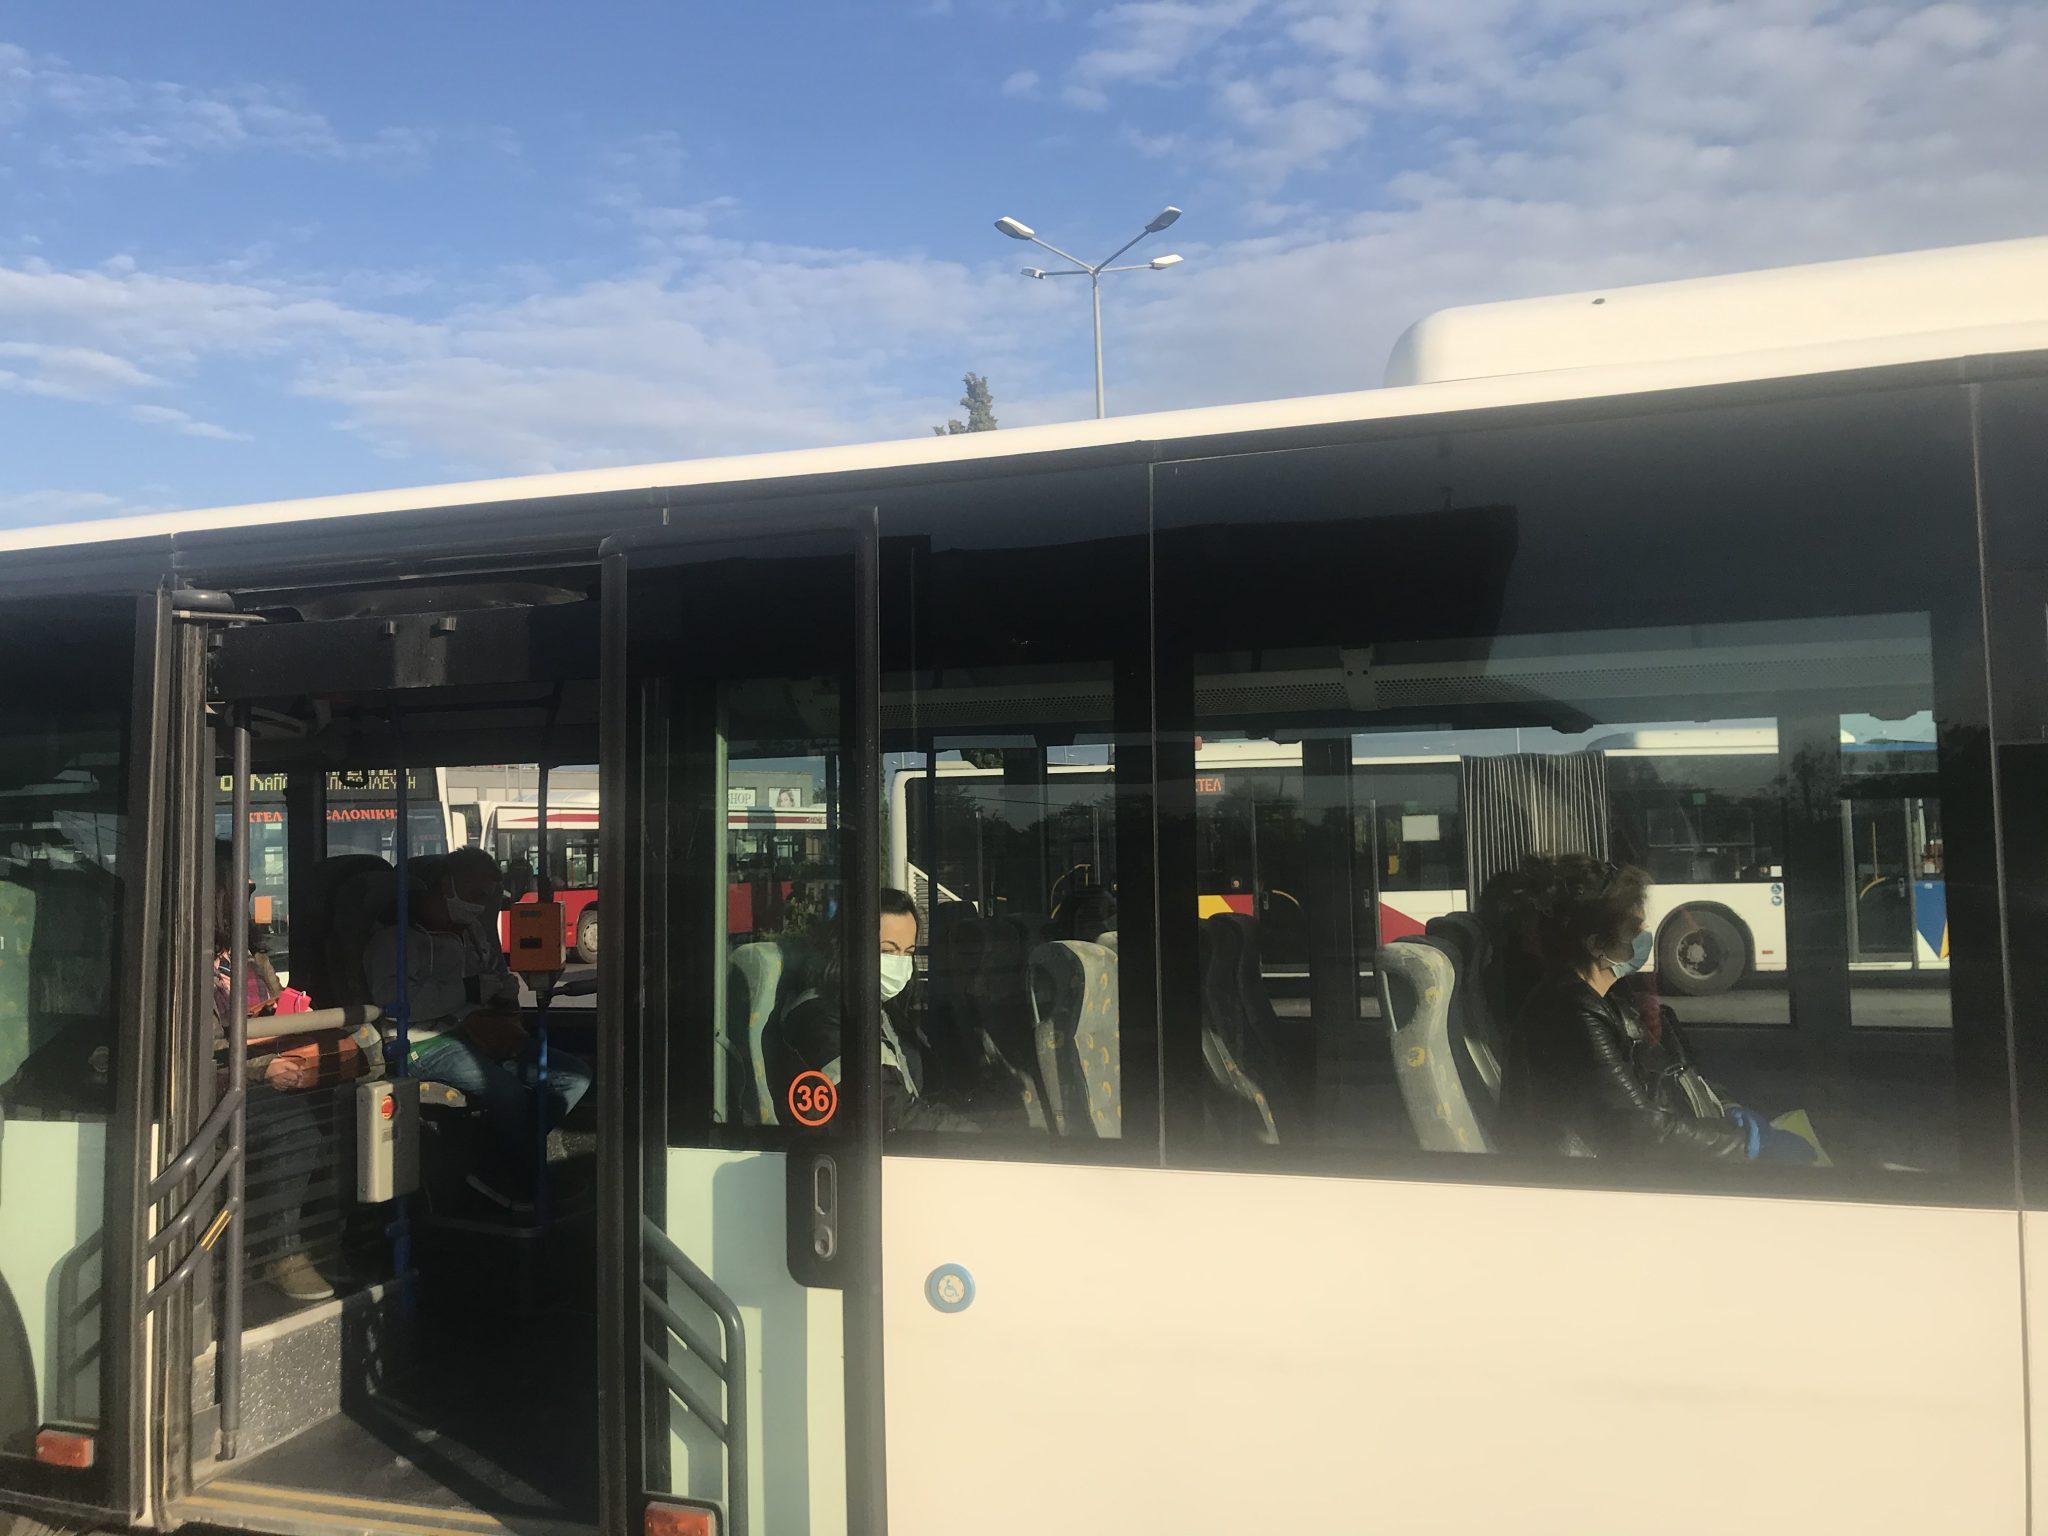 Με τη γραμμή 55 ολοκληρώνεται η ενσωμάτωση του ΚΤΕΛ Θεσσαλονίκης στην αστική συγκοινωνία